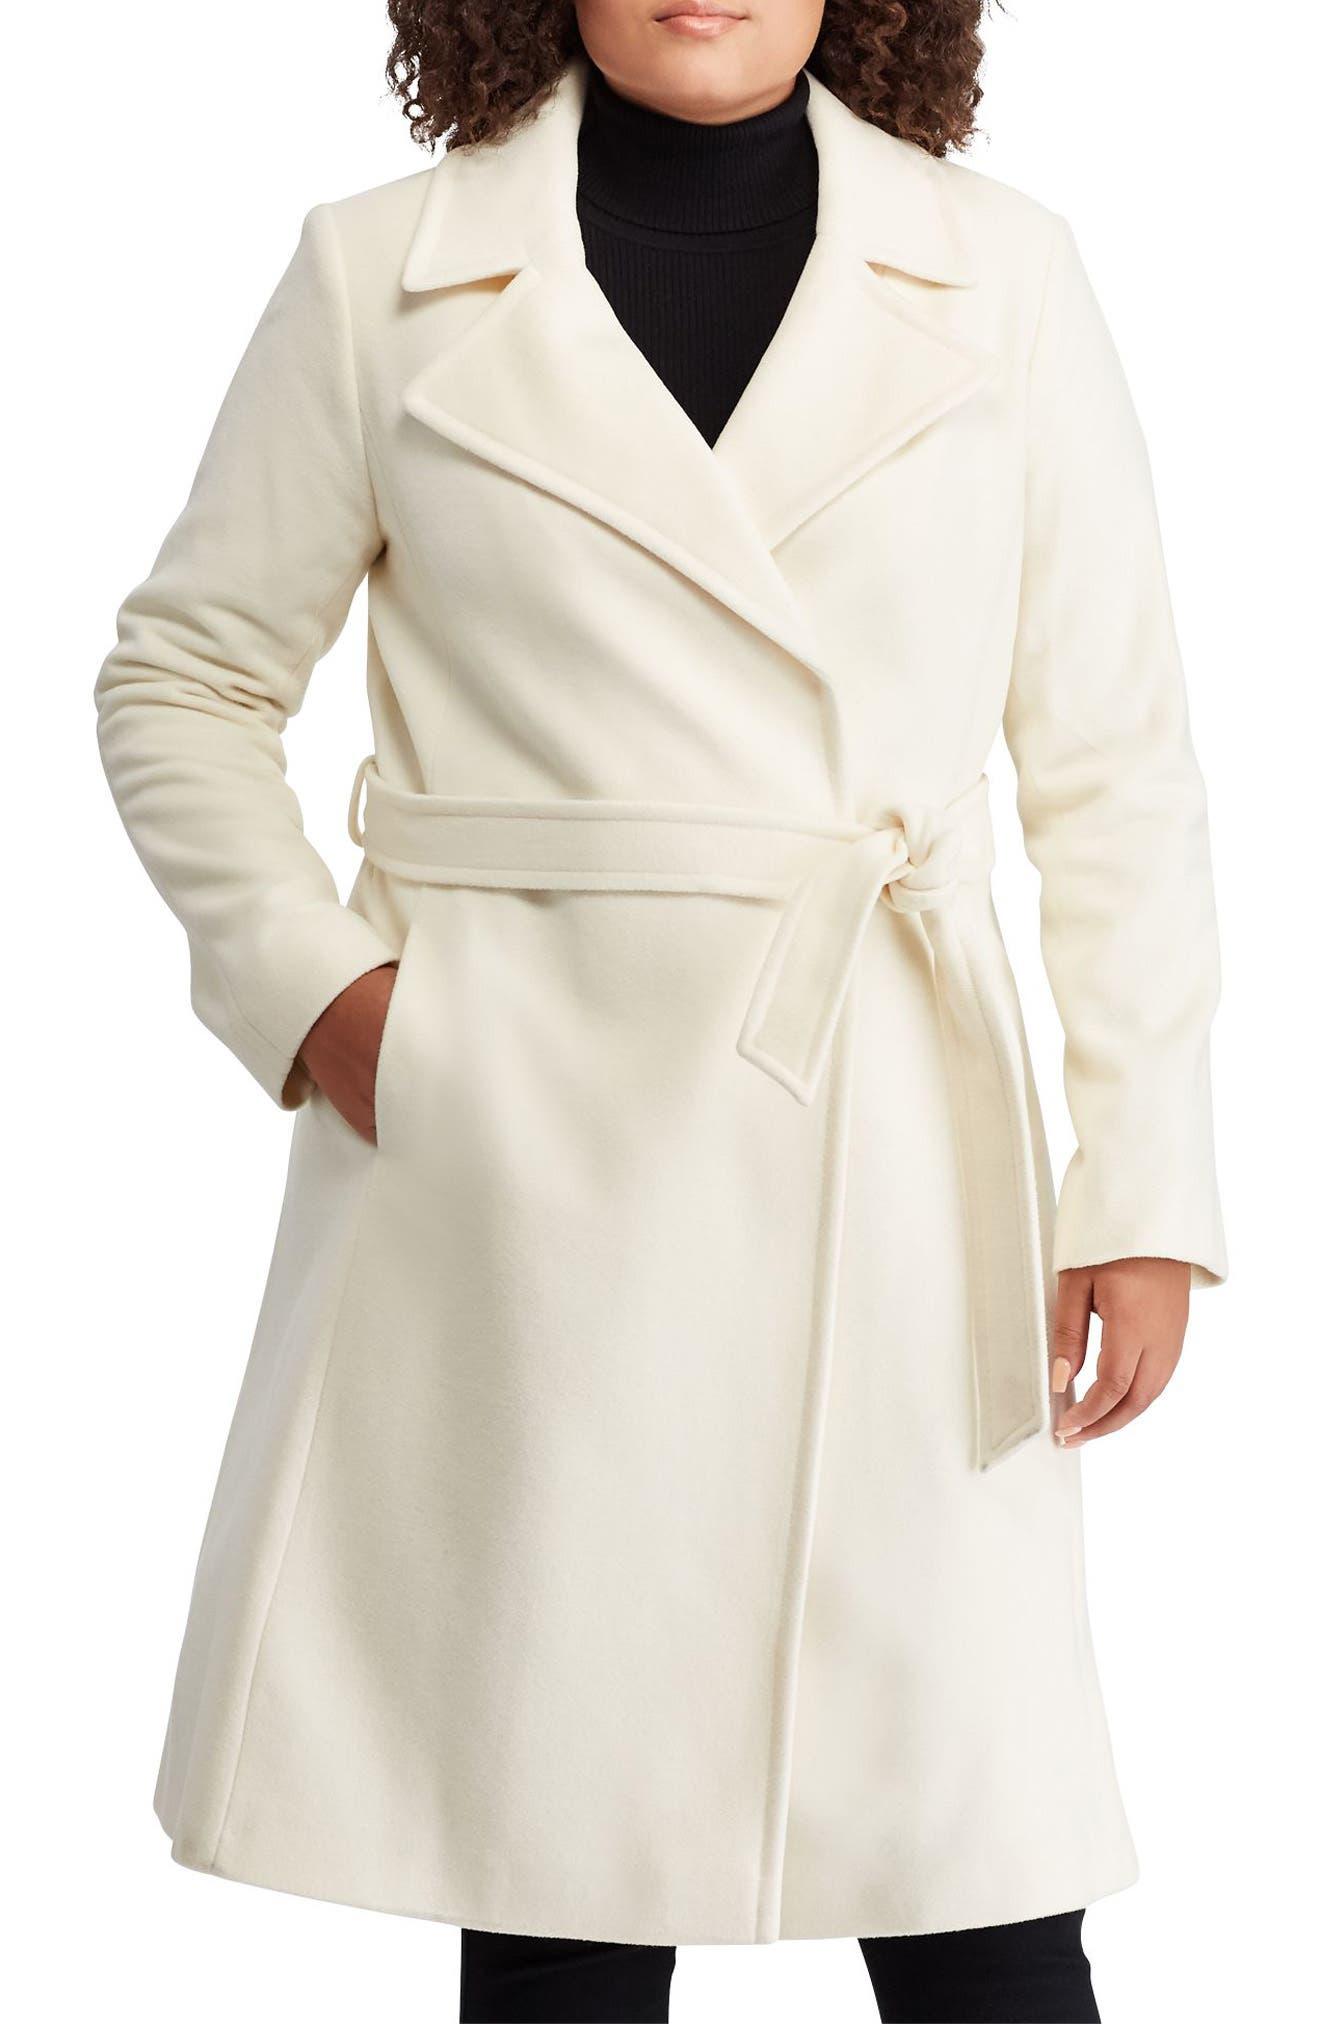 LAUREN RALPH LAUREN Wool Blend Wrap Coat, Main, color, MODA CREAM